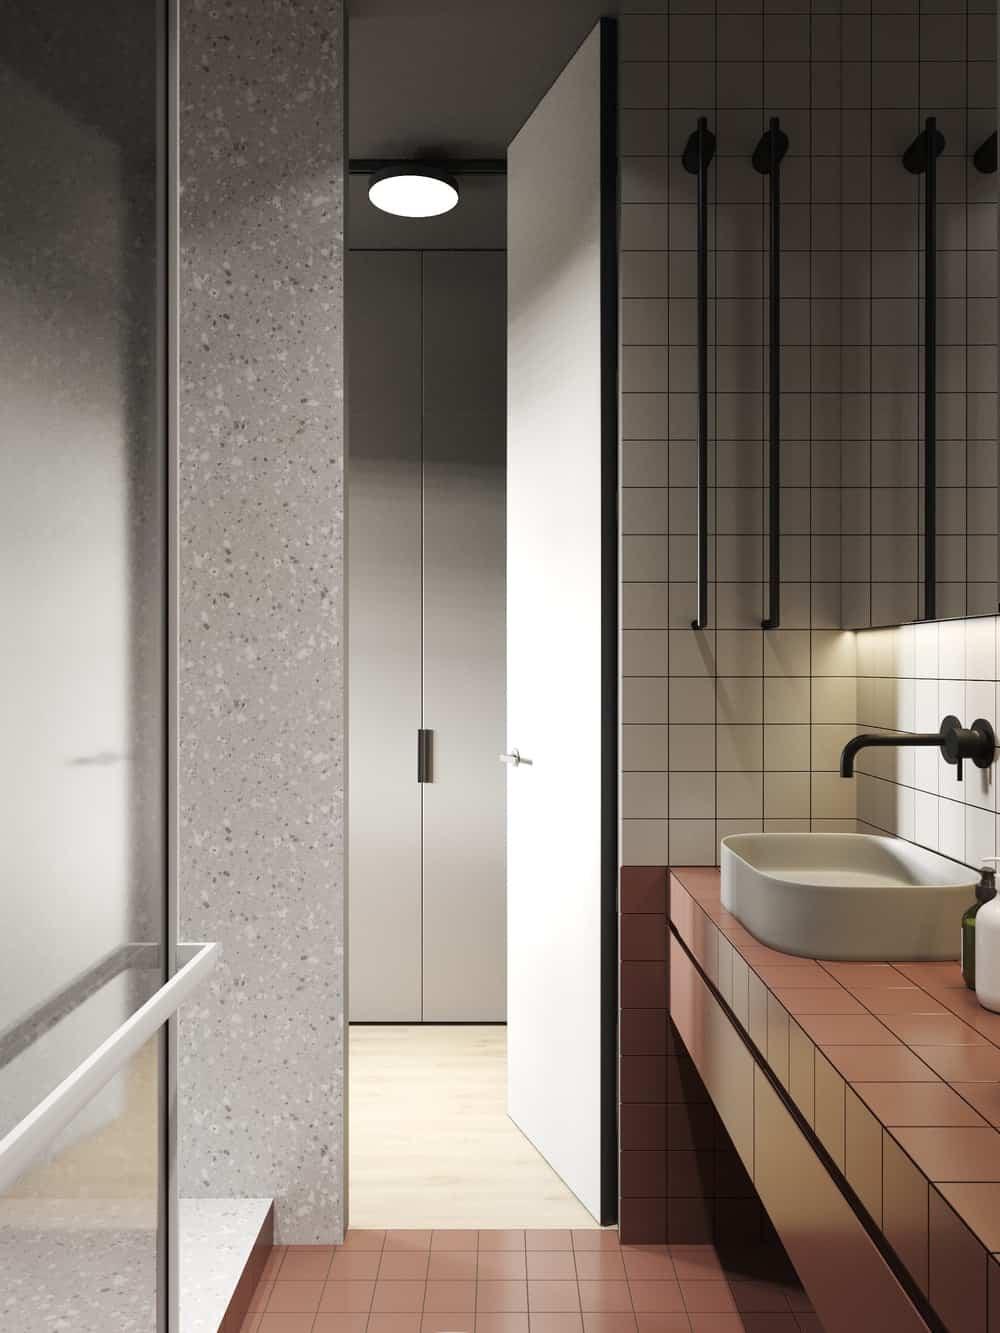 Washroom in the Goose designed by Cartelle Design.